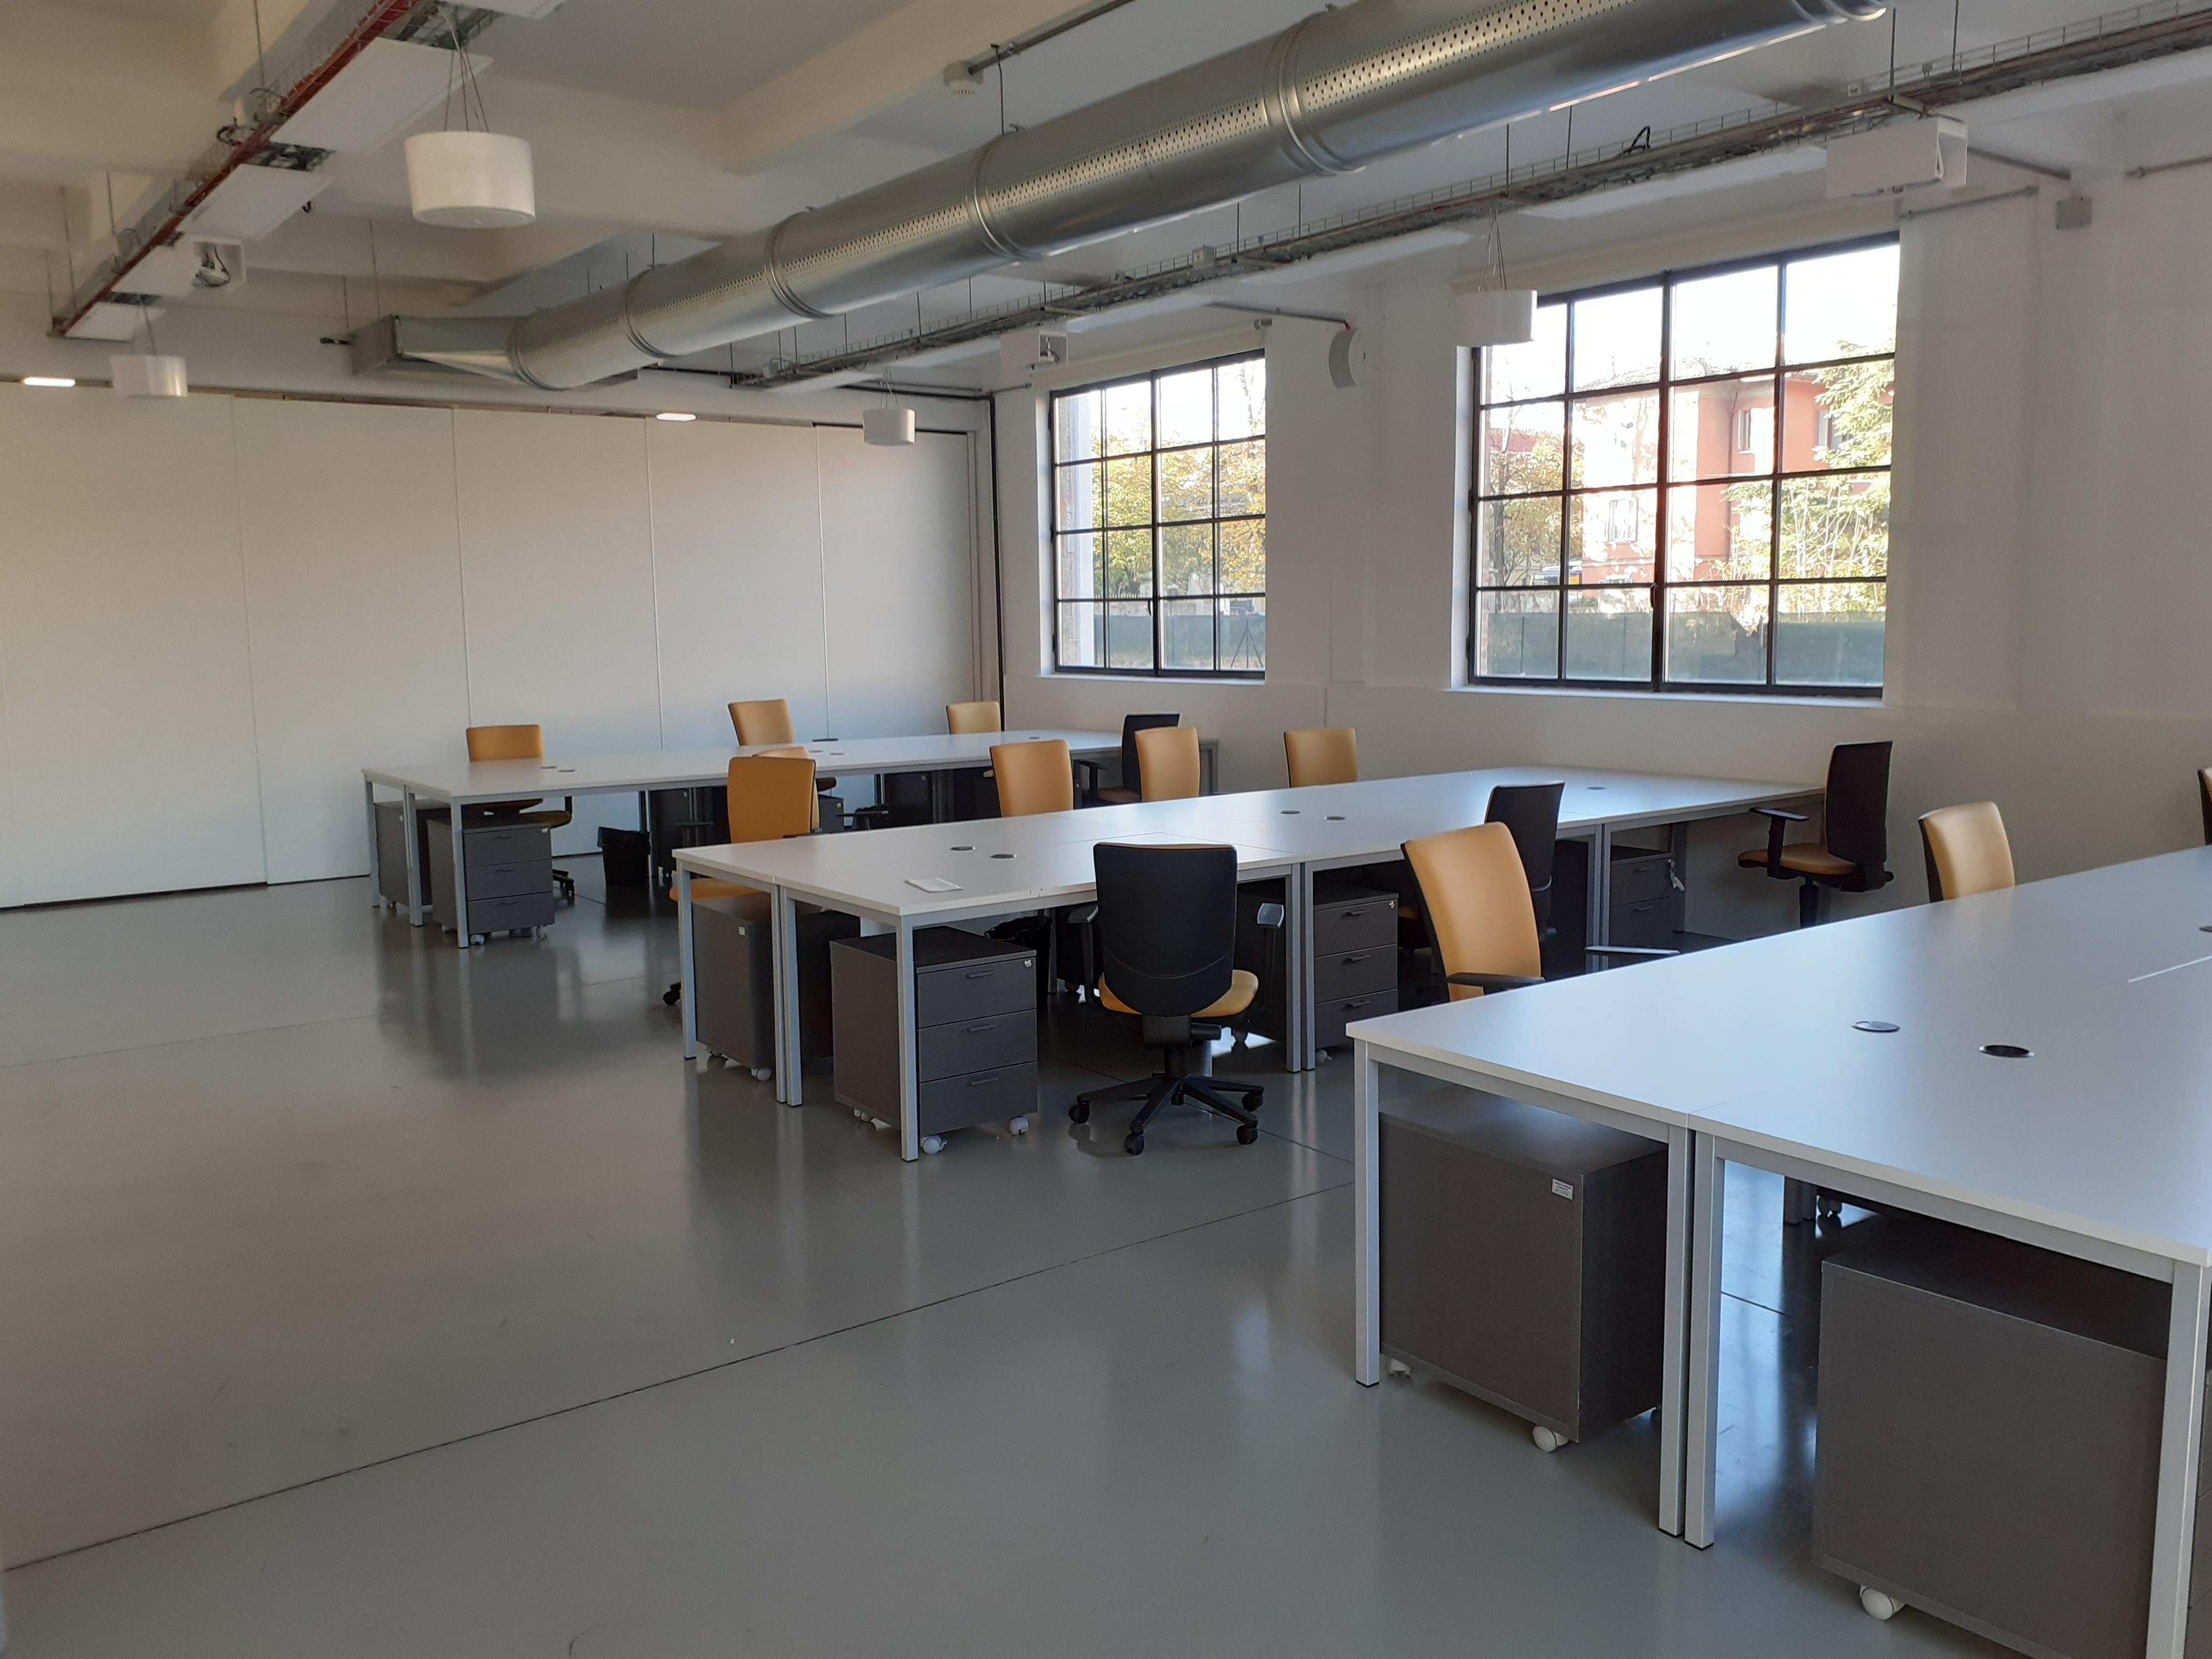 Spazio con scrivanie per il Coworking all'interno del Laboratorio Aperto